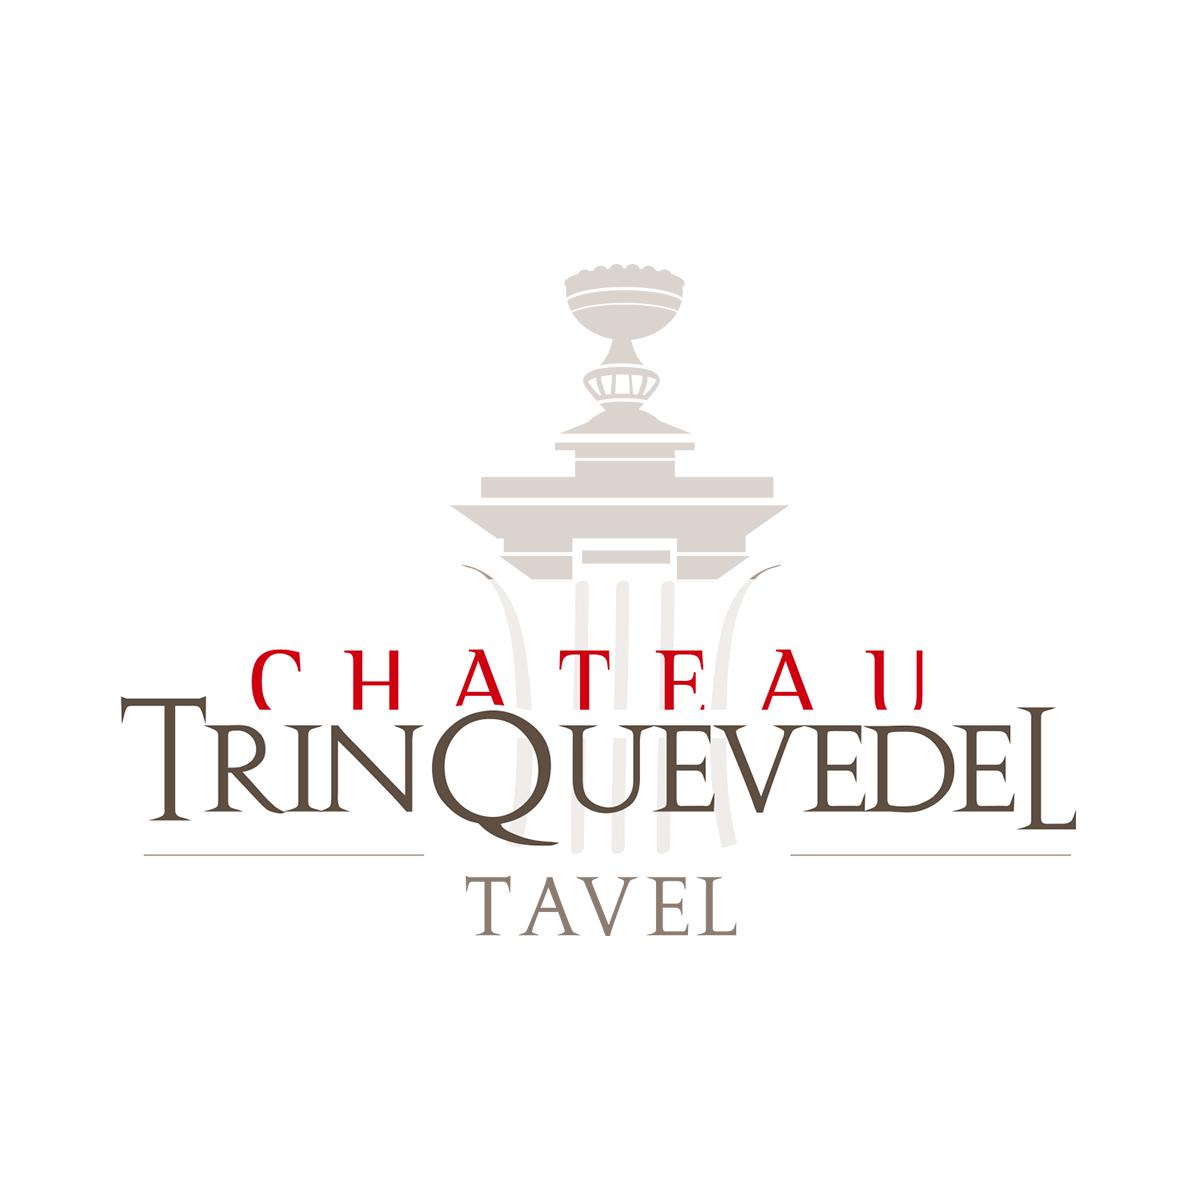 Château Trinquevedel